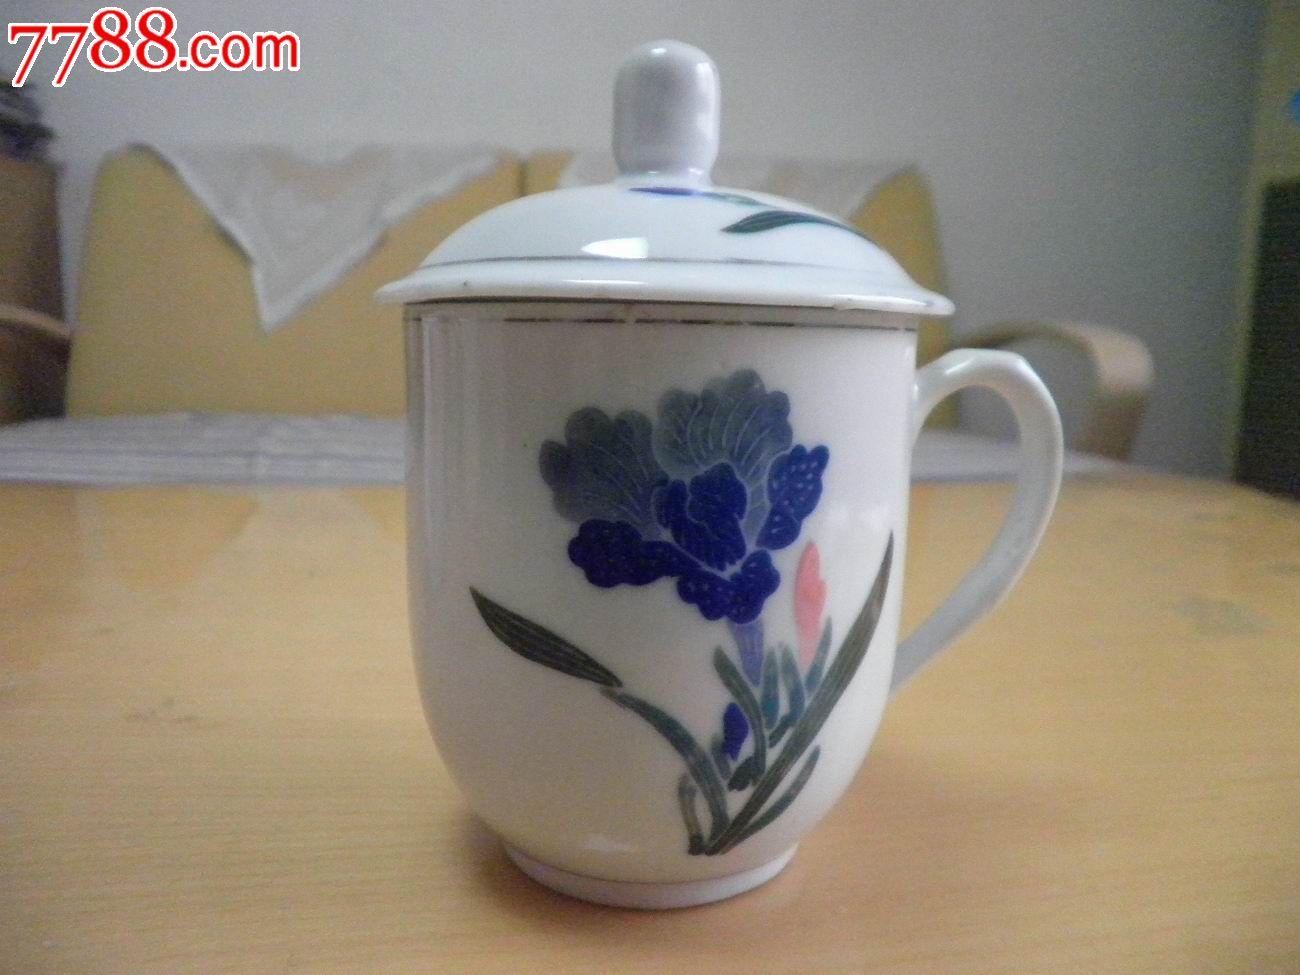 手绘花卉图案茶杯